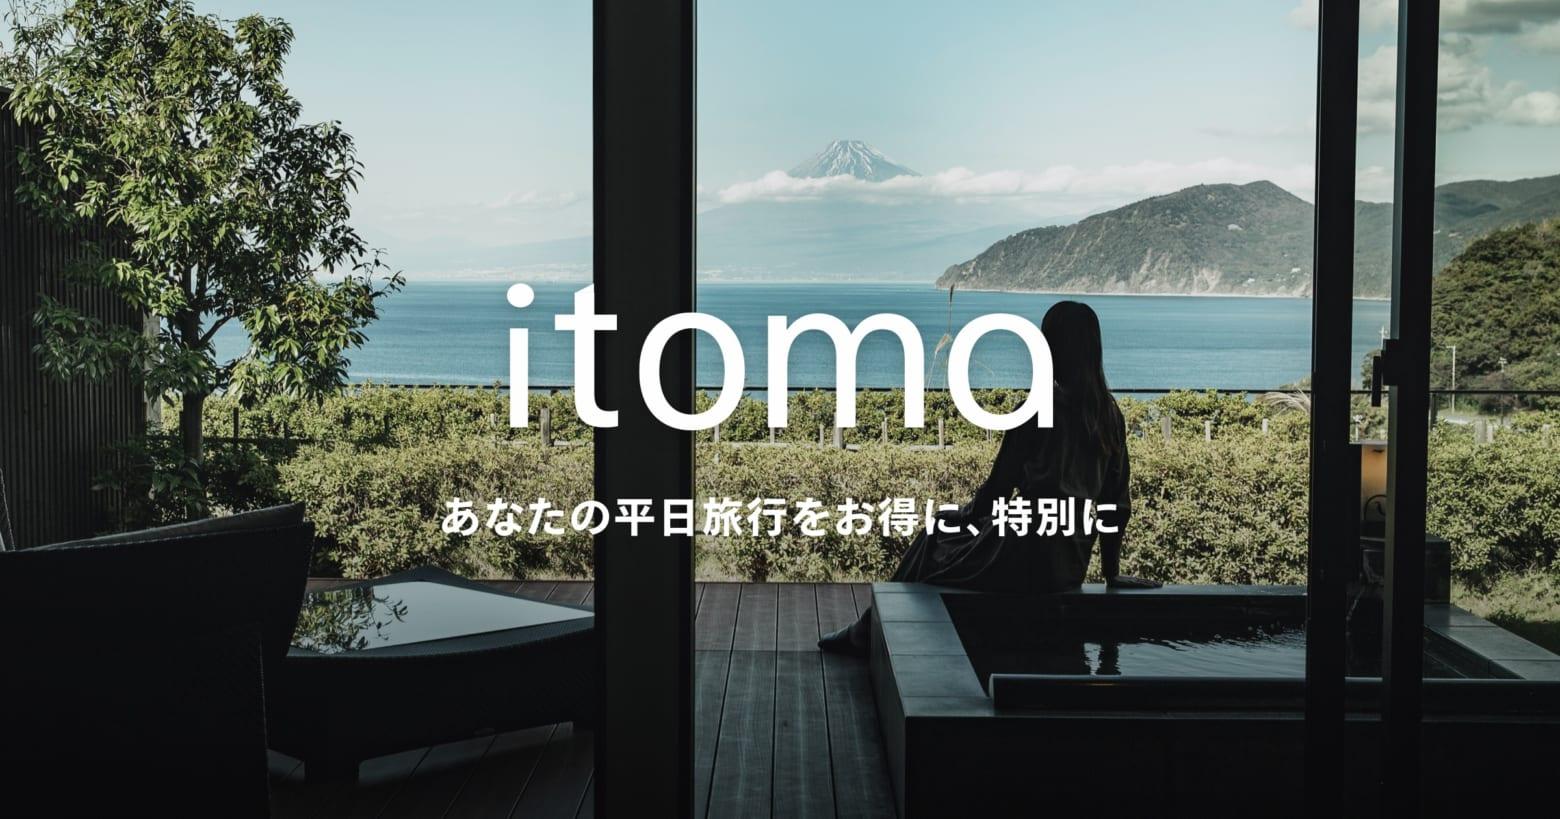 会員制オンライン旅行予約サービス「itoma」